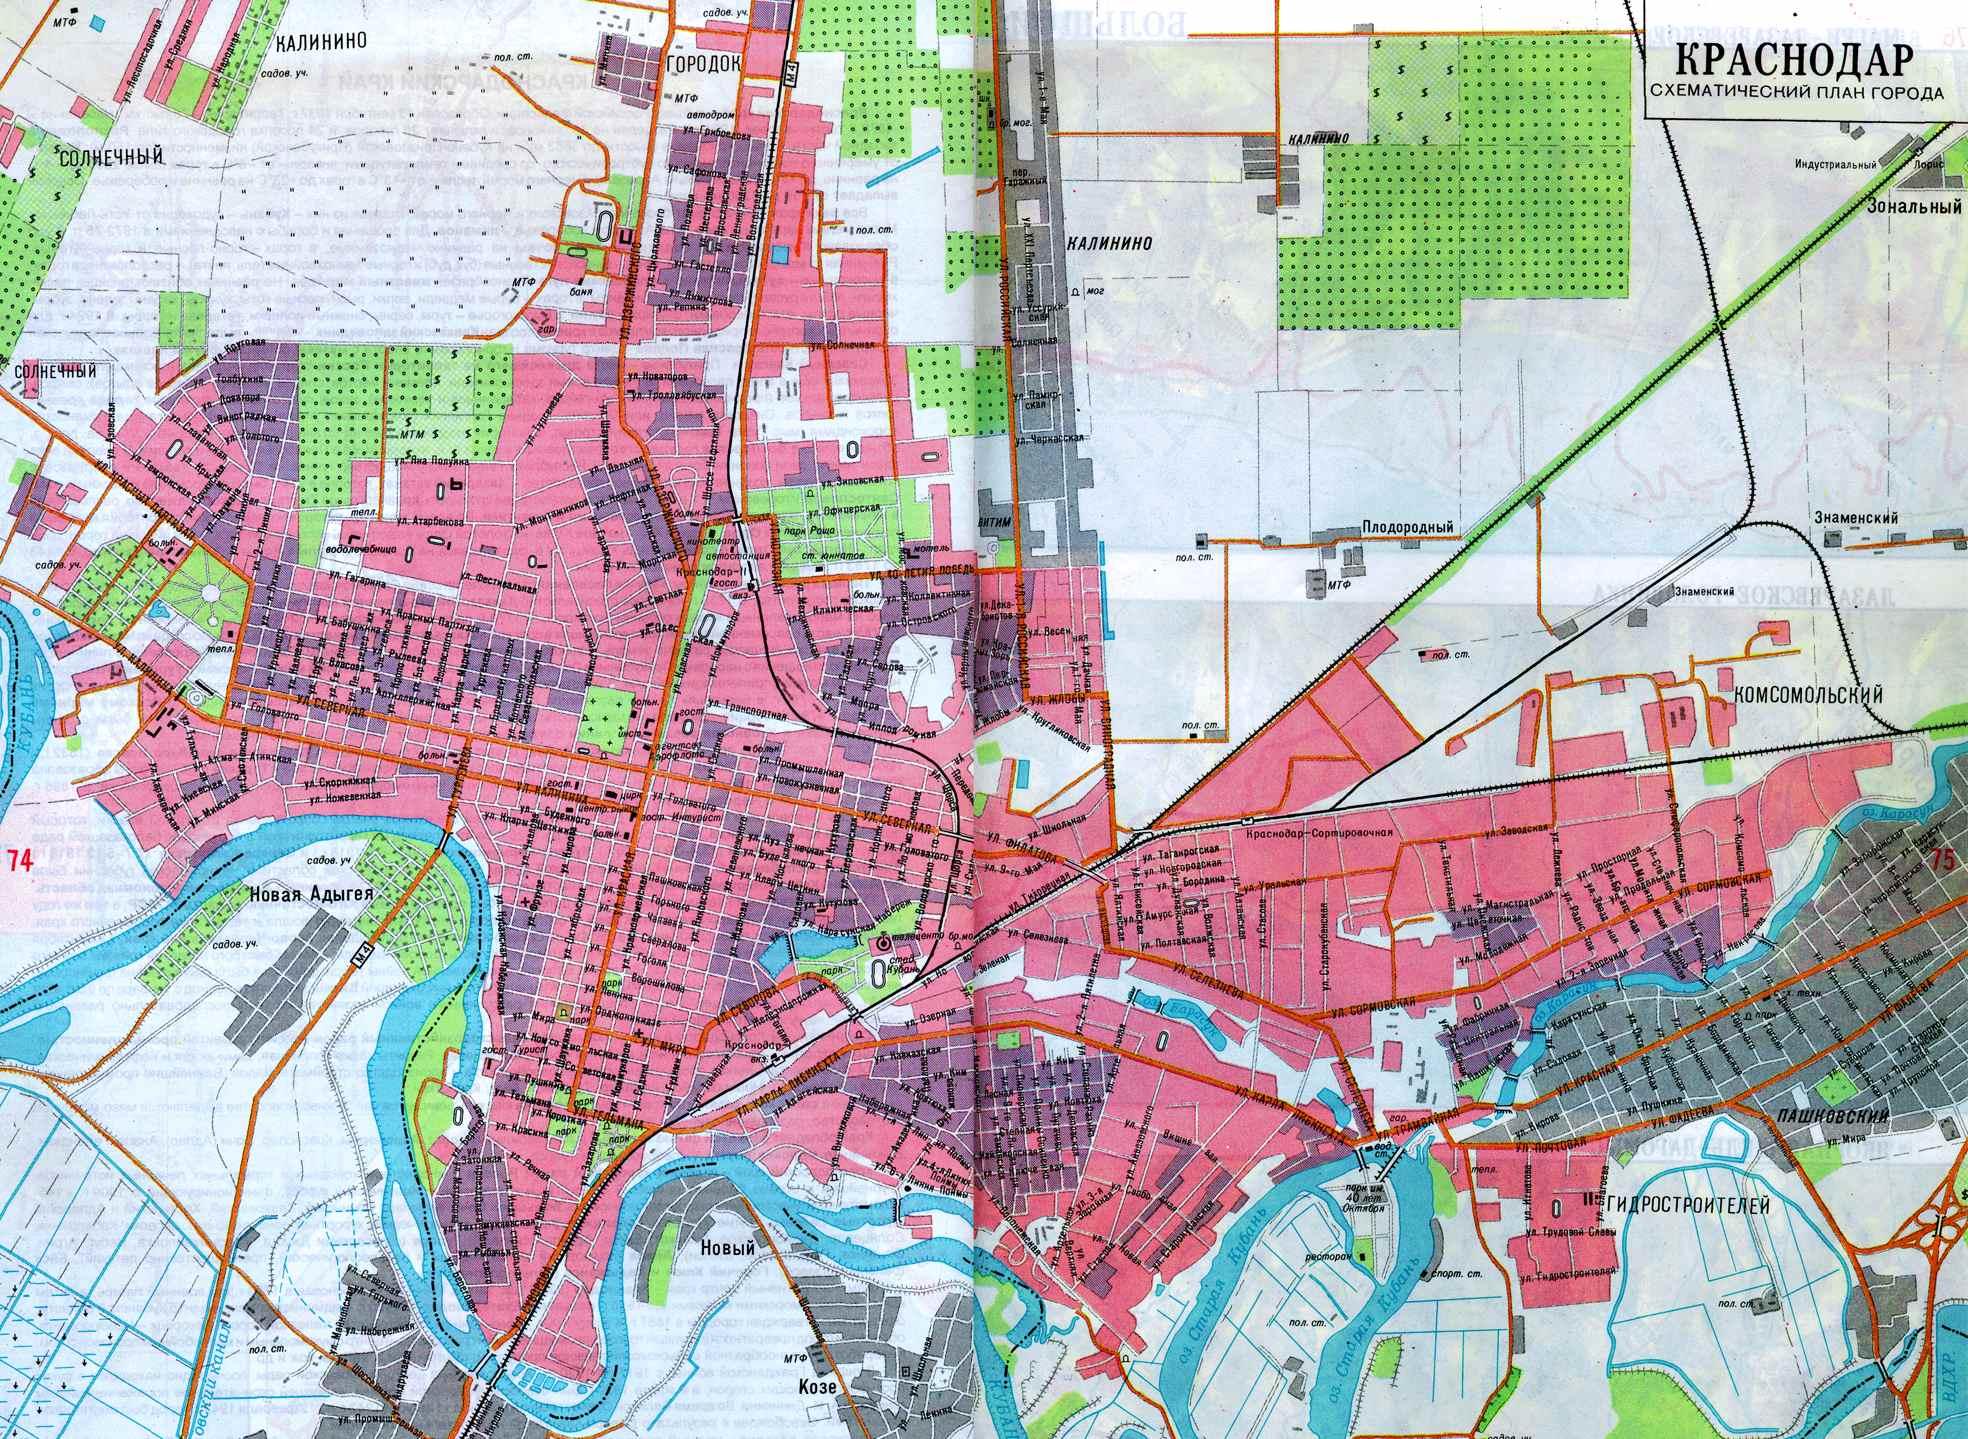 Районы Краснодара на карте, описание районов ...